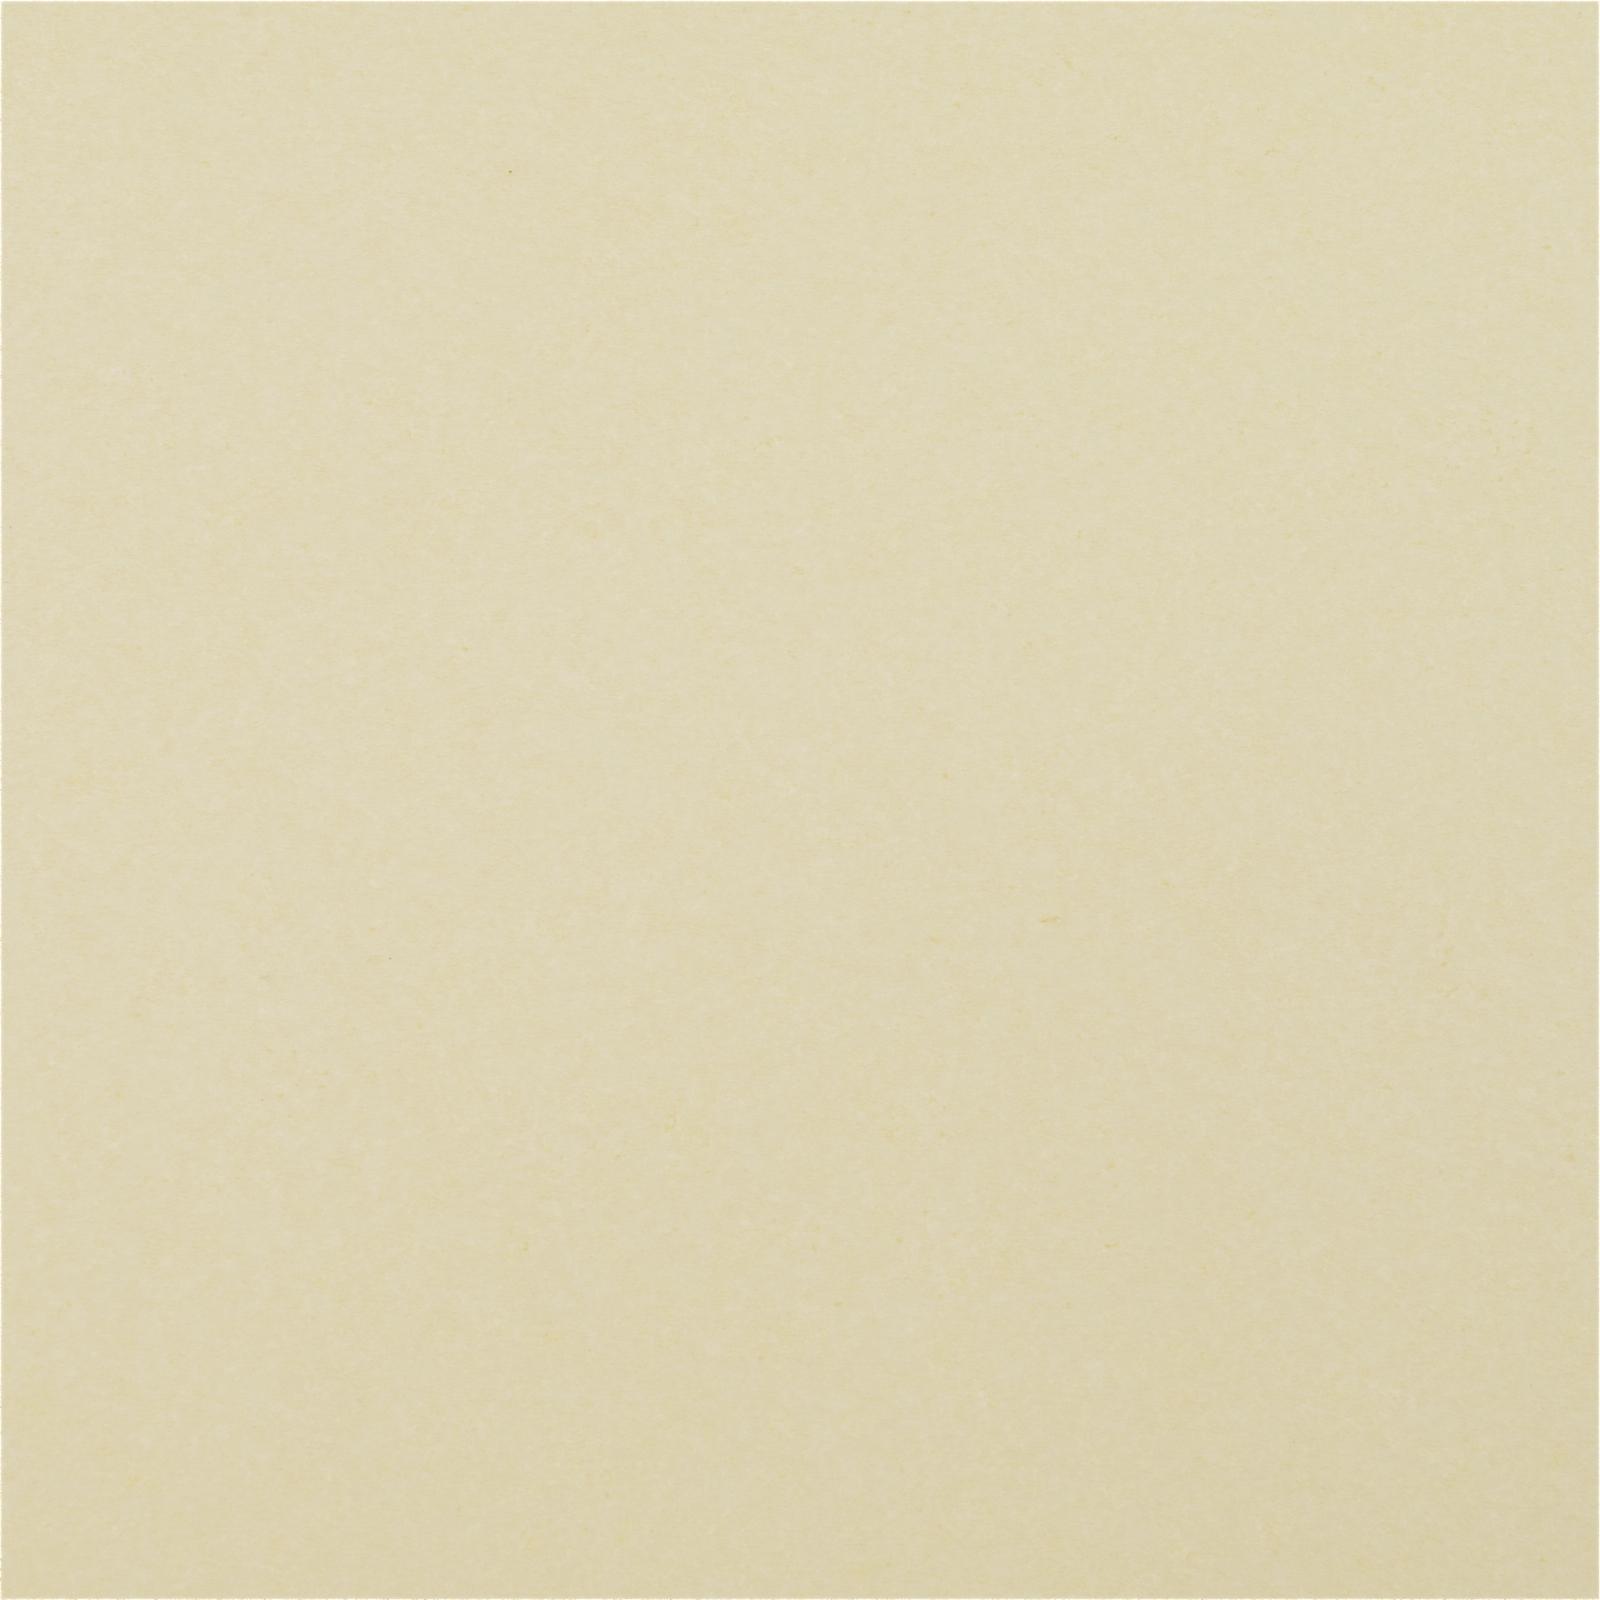 Cream Euro Parchment